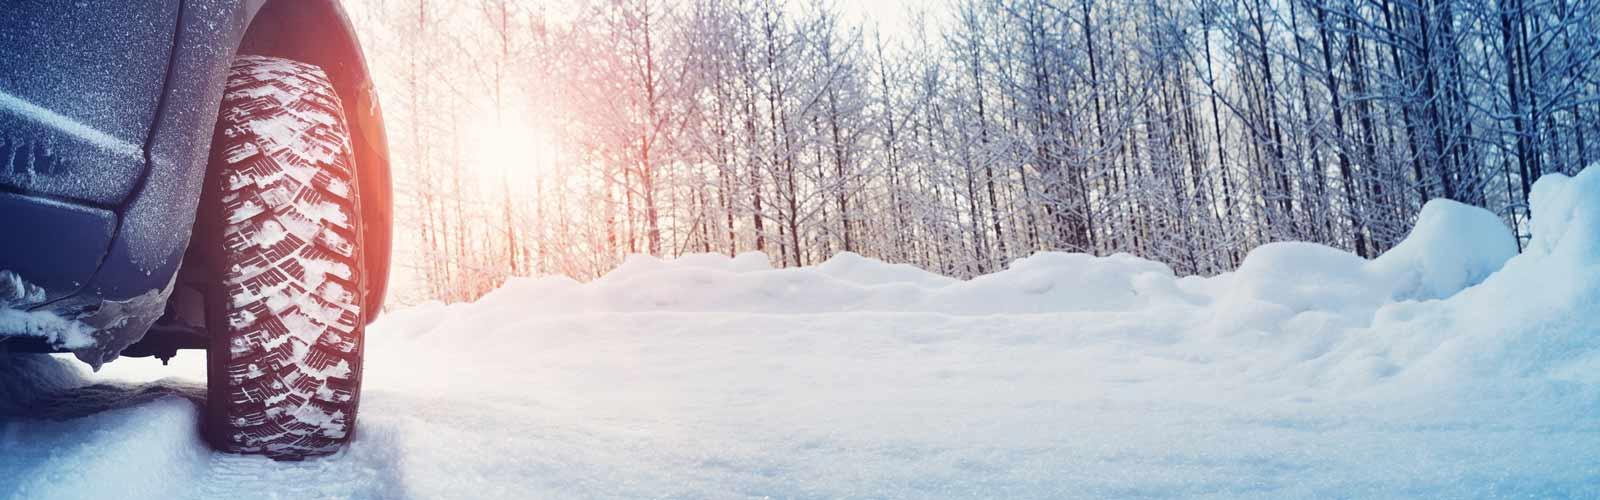 winterstrasse_10_18